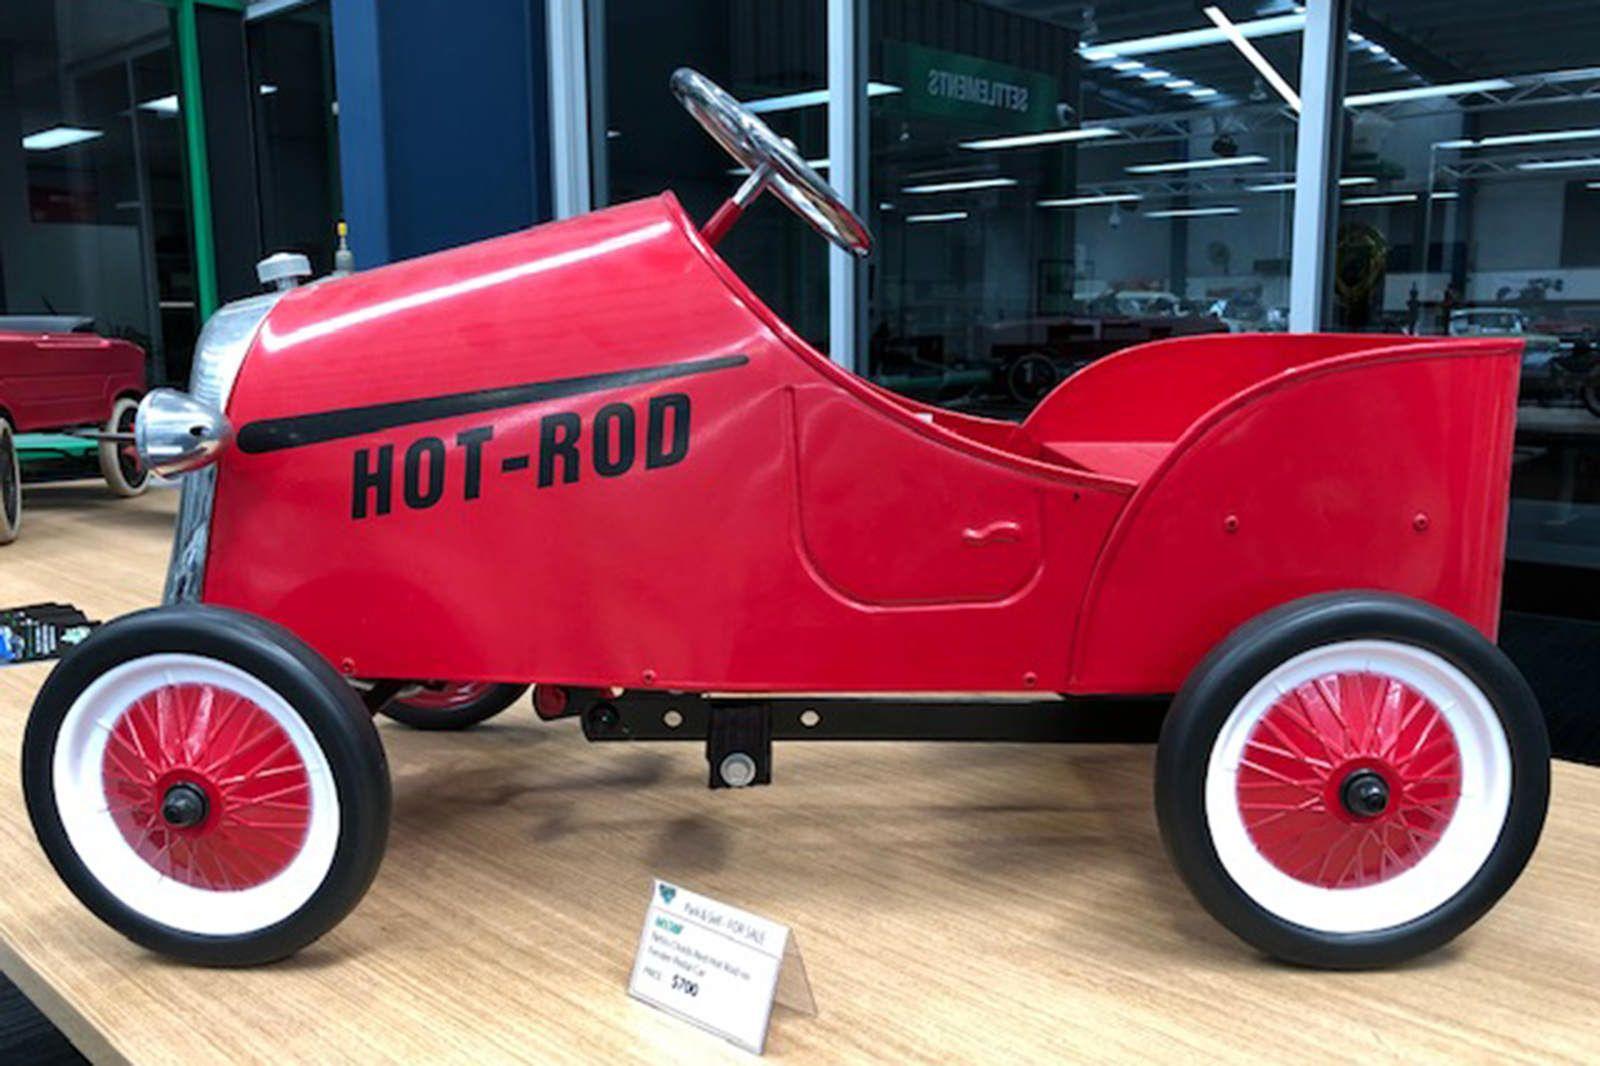 Pedal Car - Hot Rod no Fenders